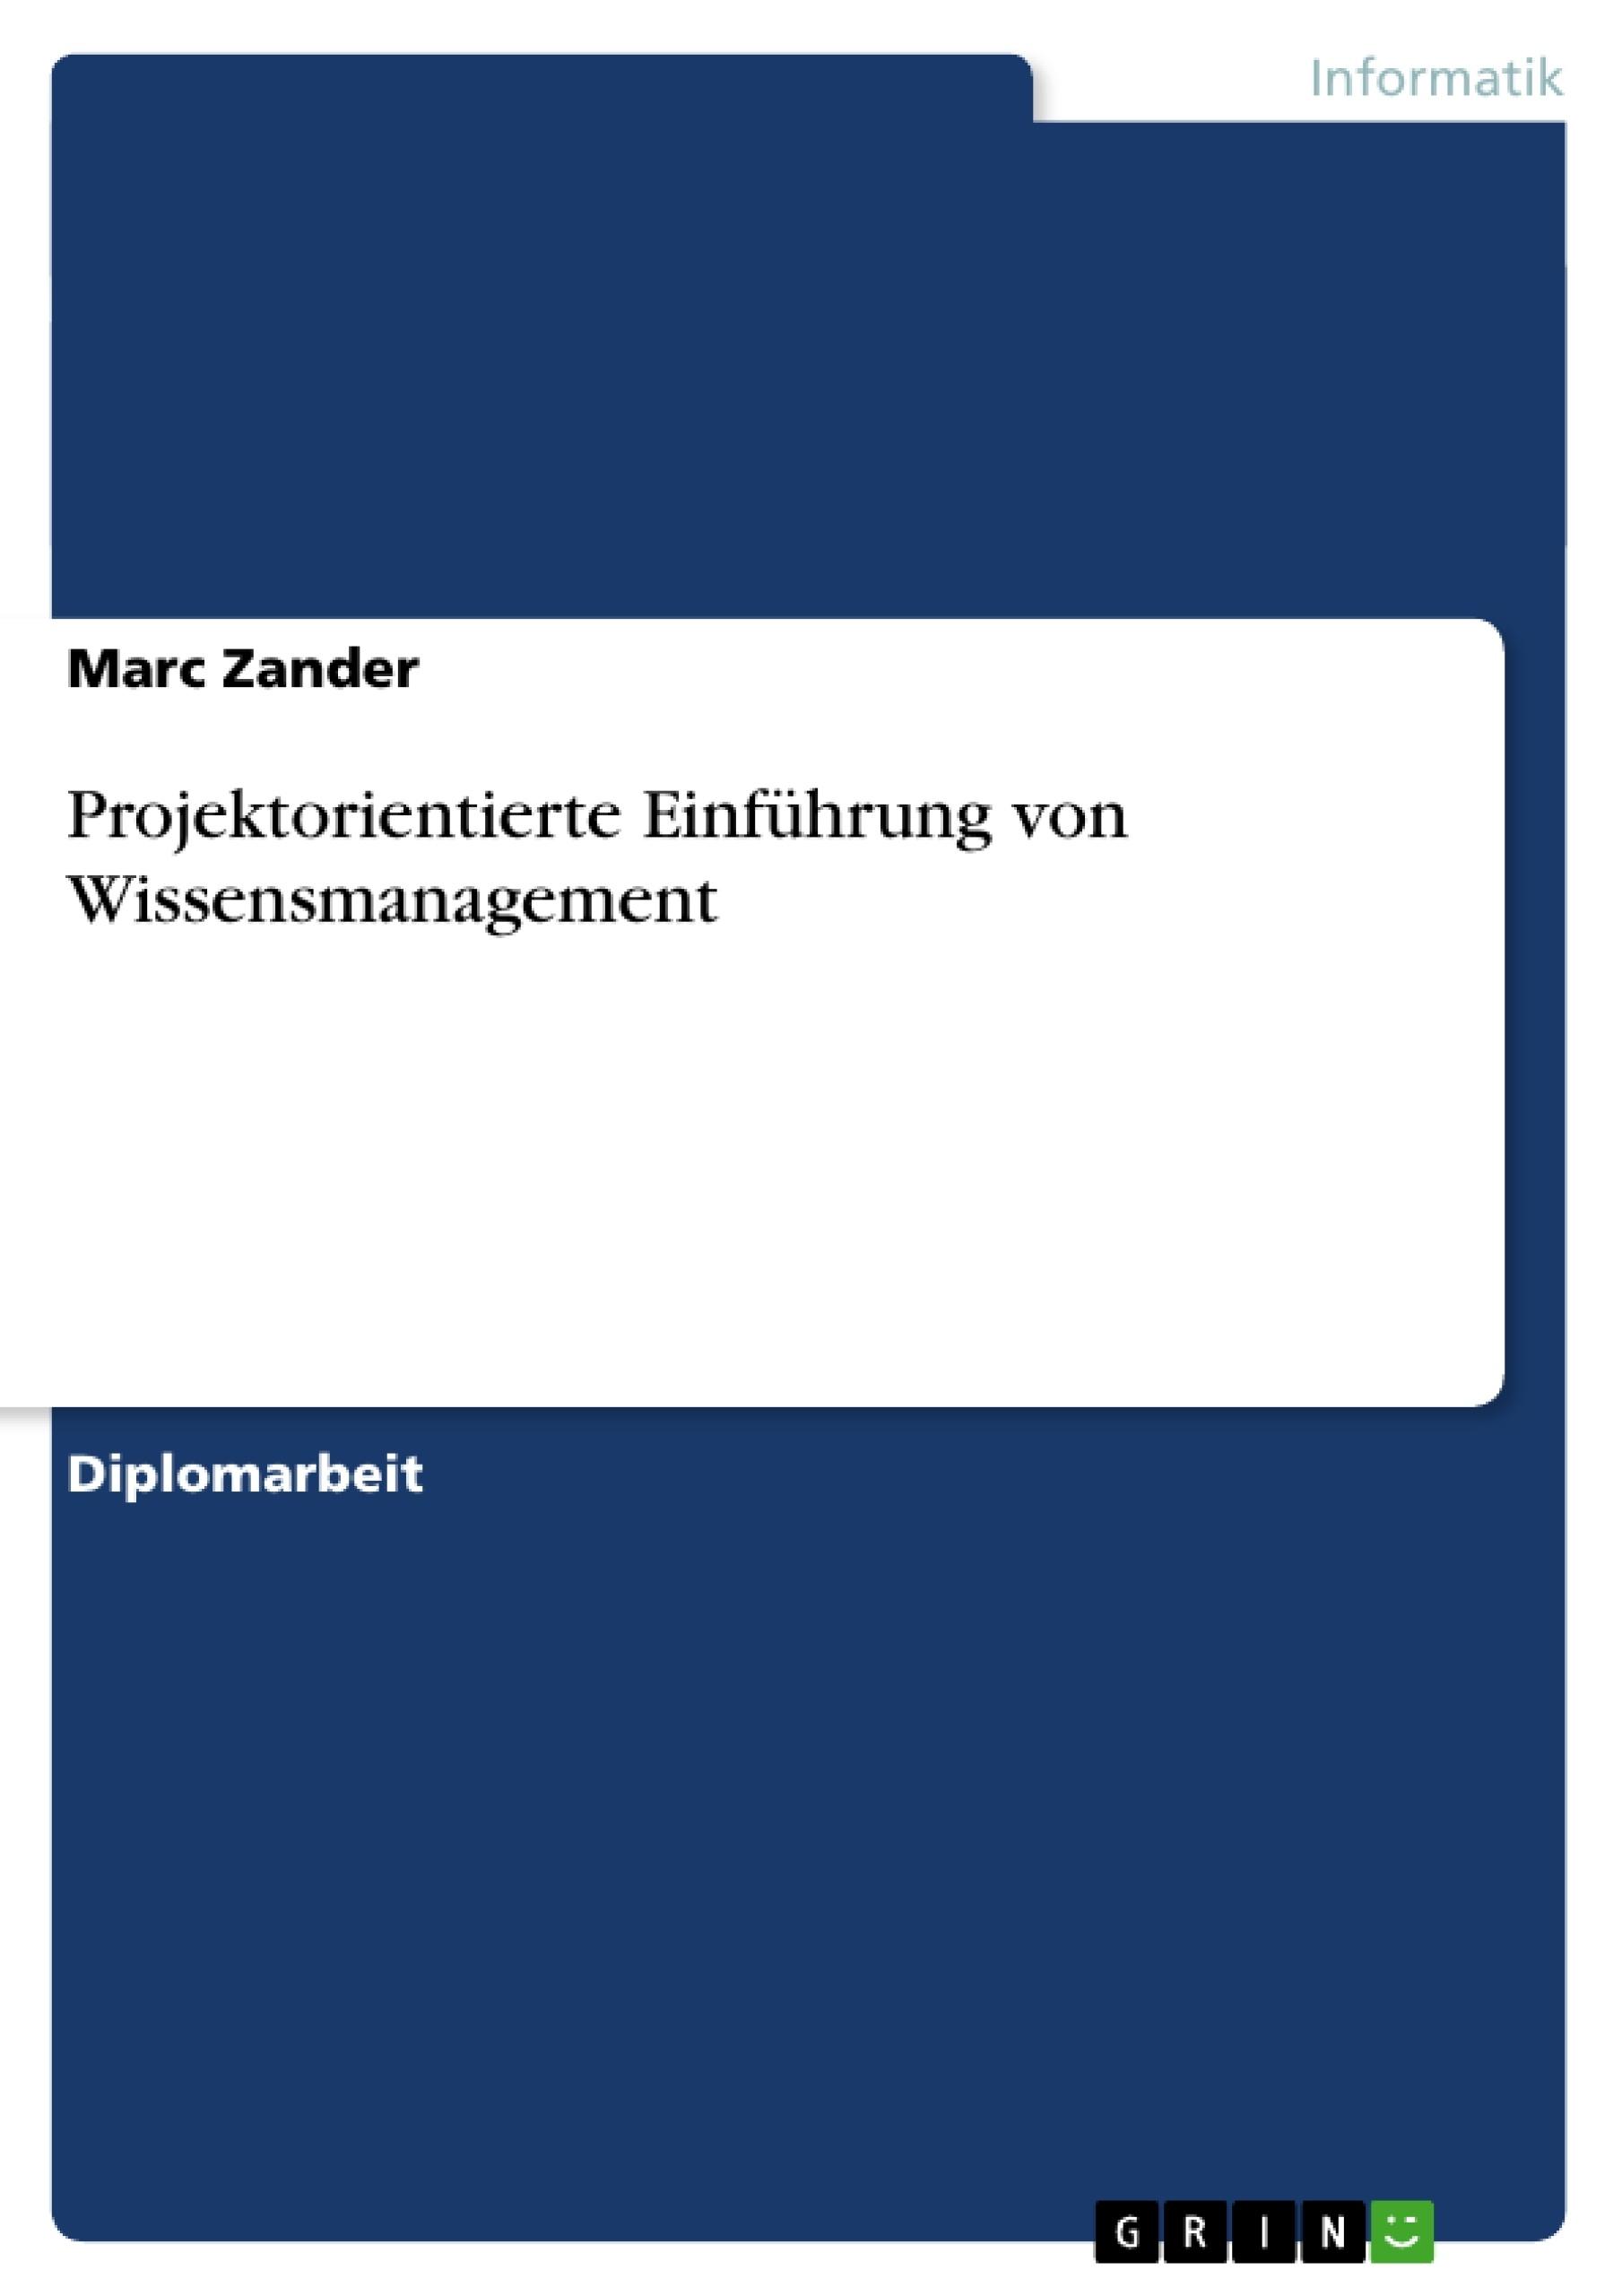 Titel: Projektorientierte Einführung von Wissensmanagement